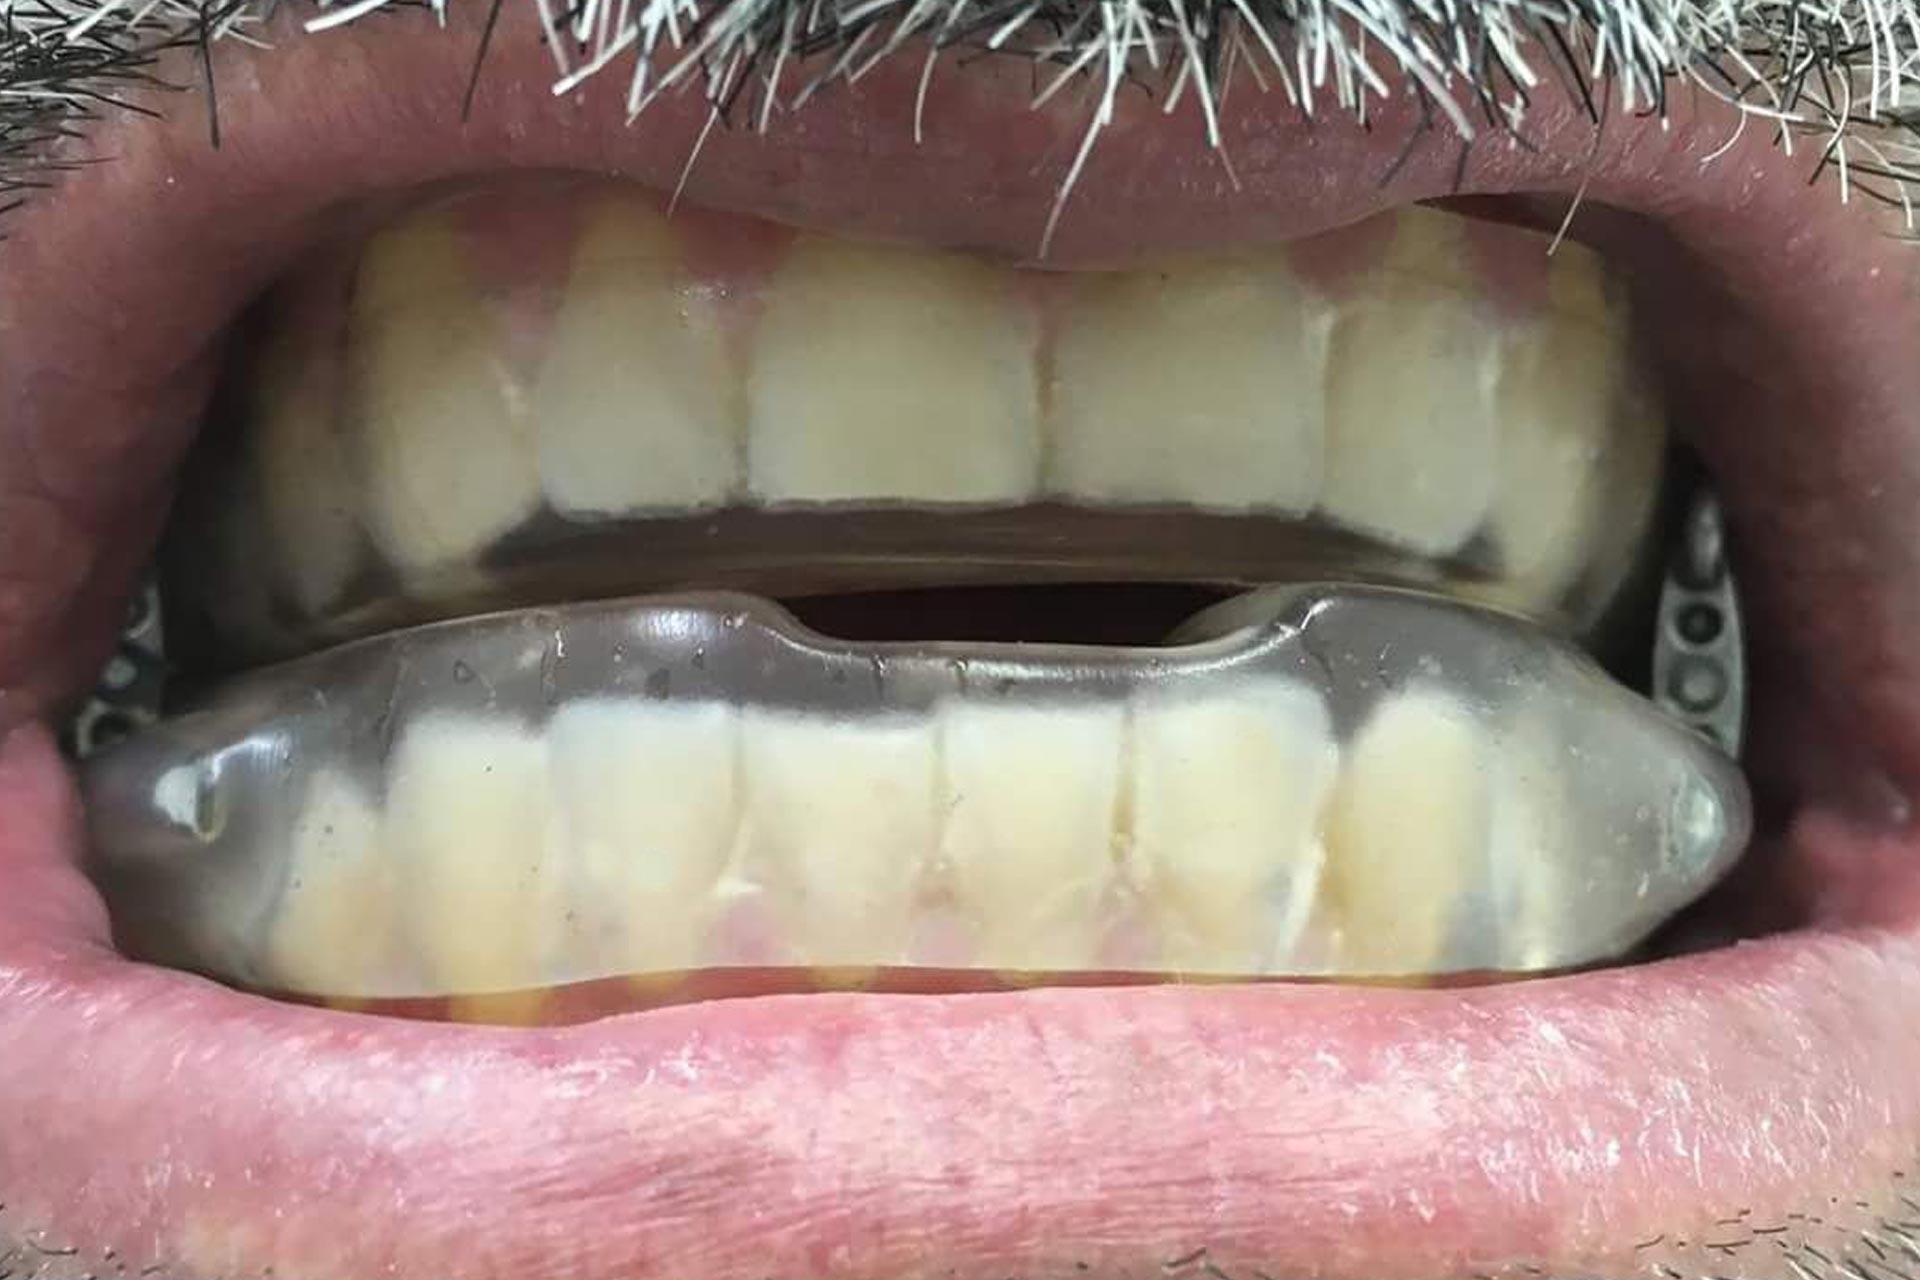 Aparelhos intra-orais em muitos casos é a solução para o ronco ou apneia